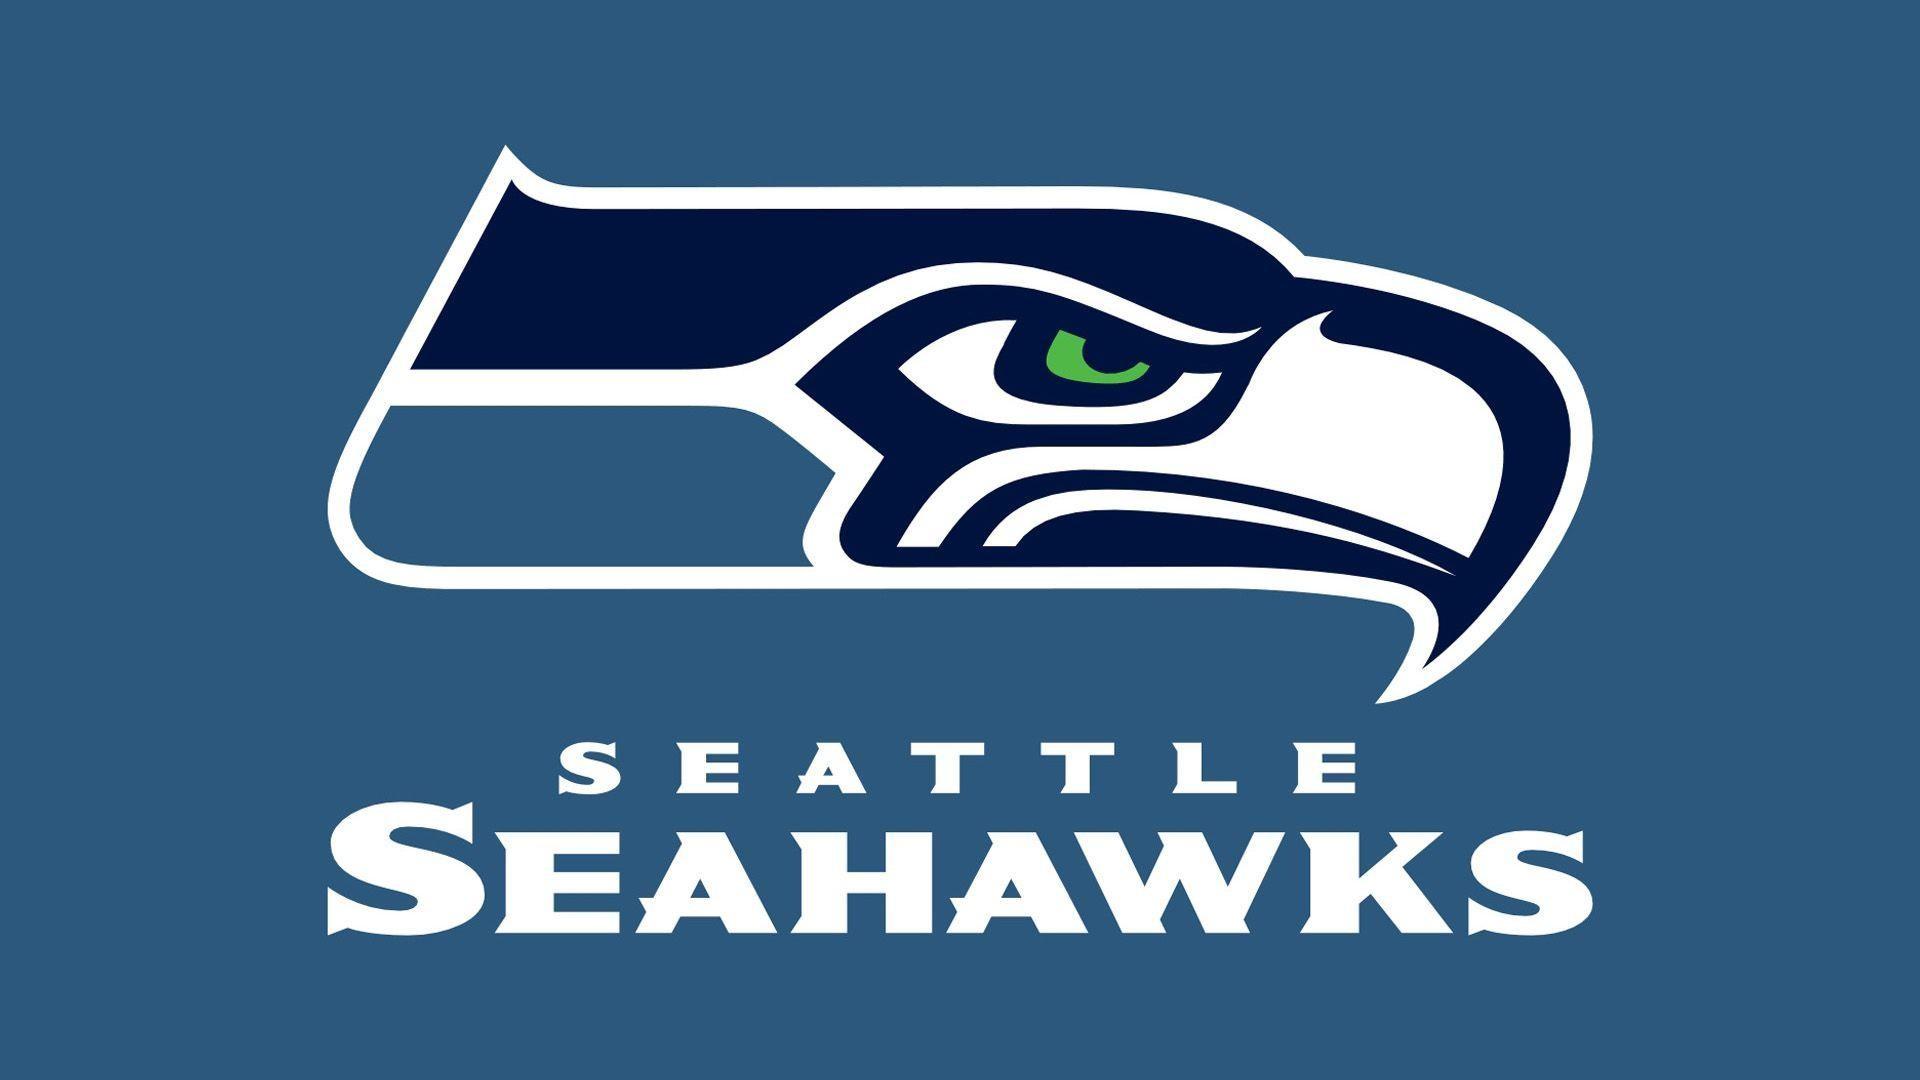 NFL Team Seattle Seahawks Wallpaper 63511 #12398 Wallpaper | Cool .